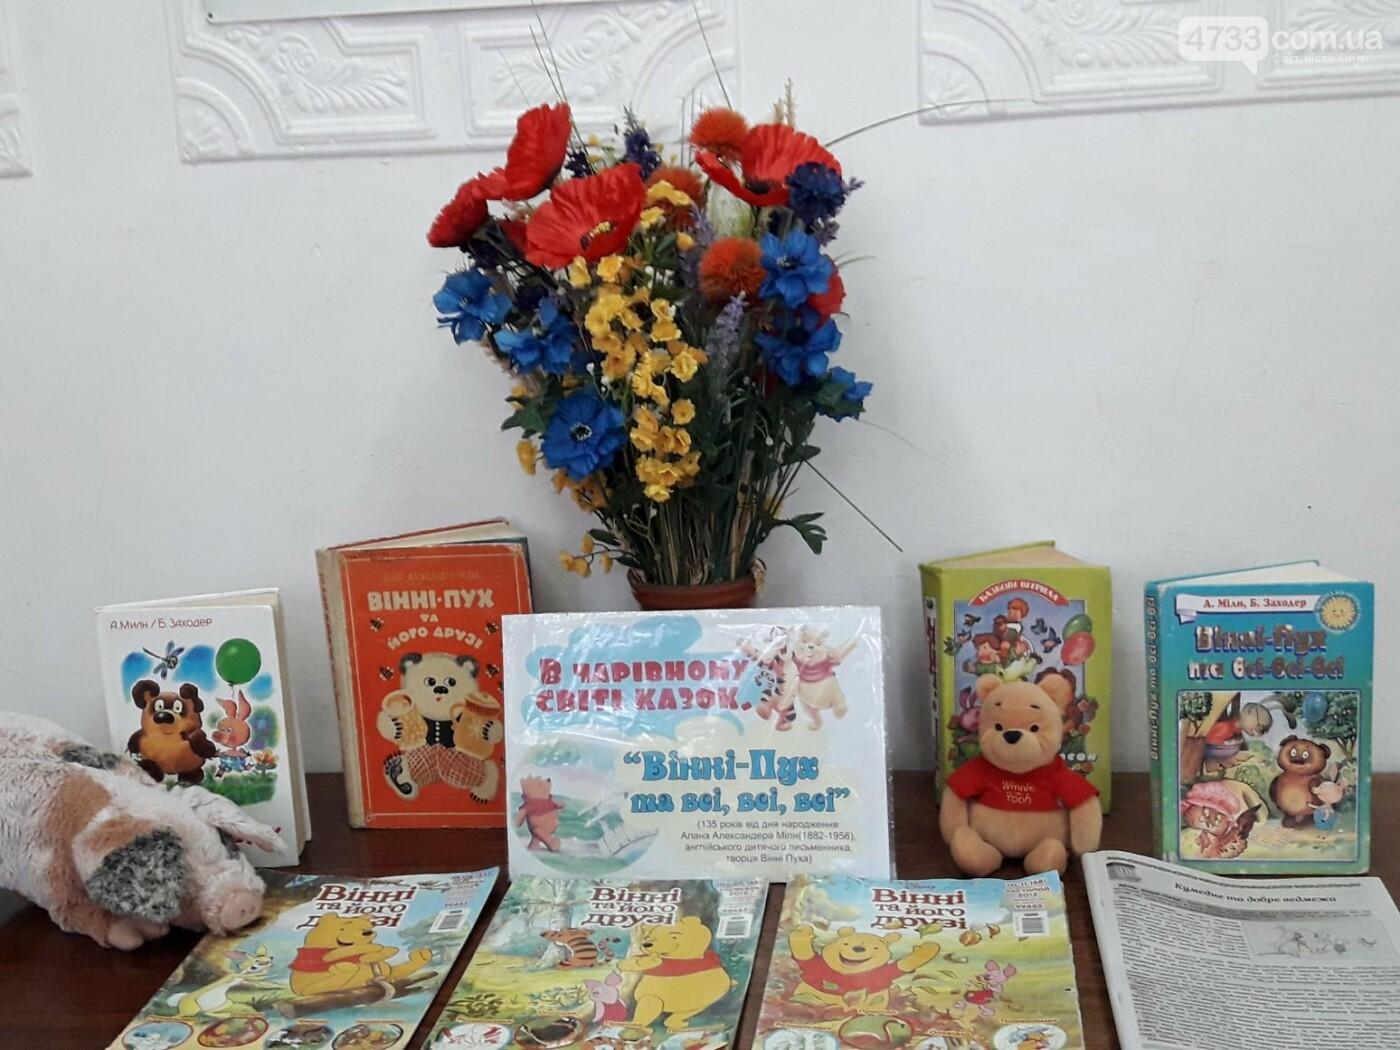 День Вінні-Пуха: дитяча бібліотека створила виставку на честь дня народження Алана Мілна, фото-1